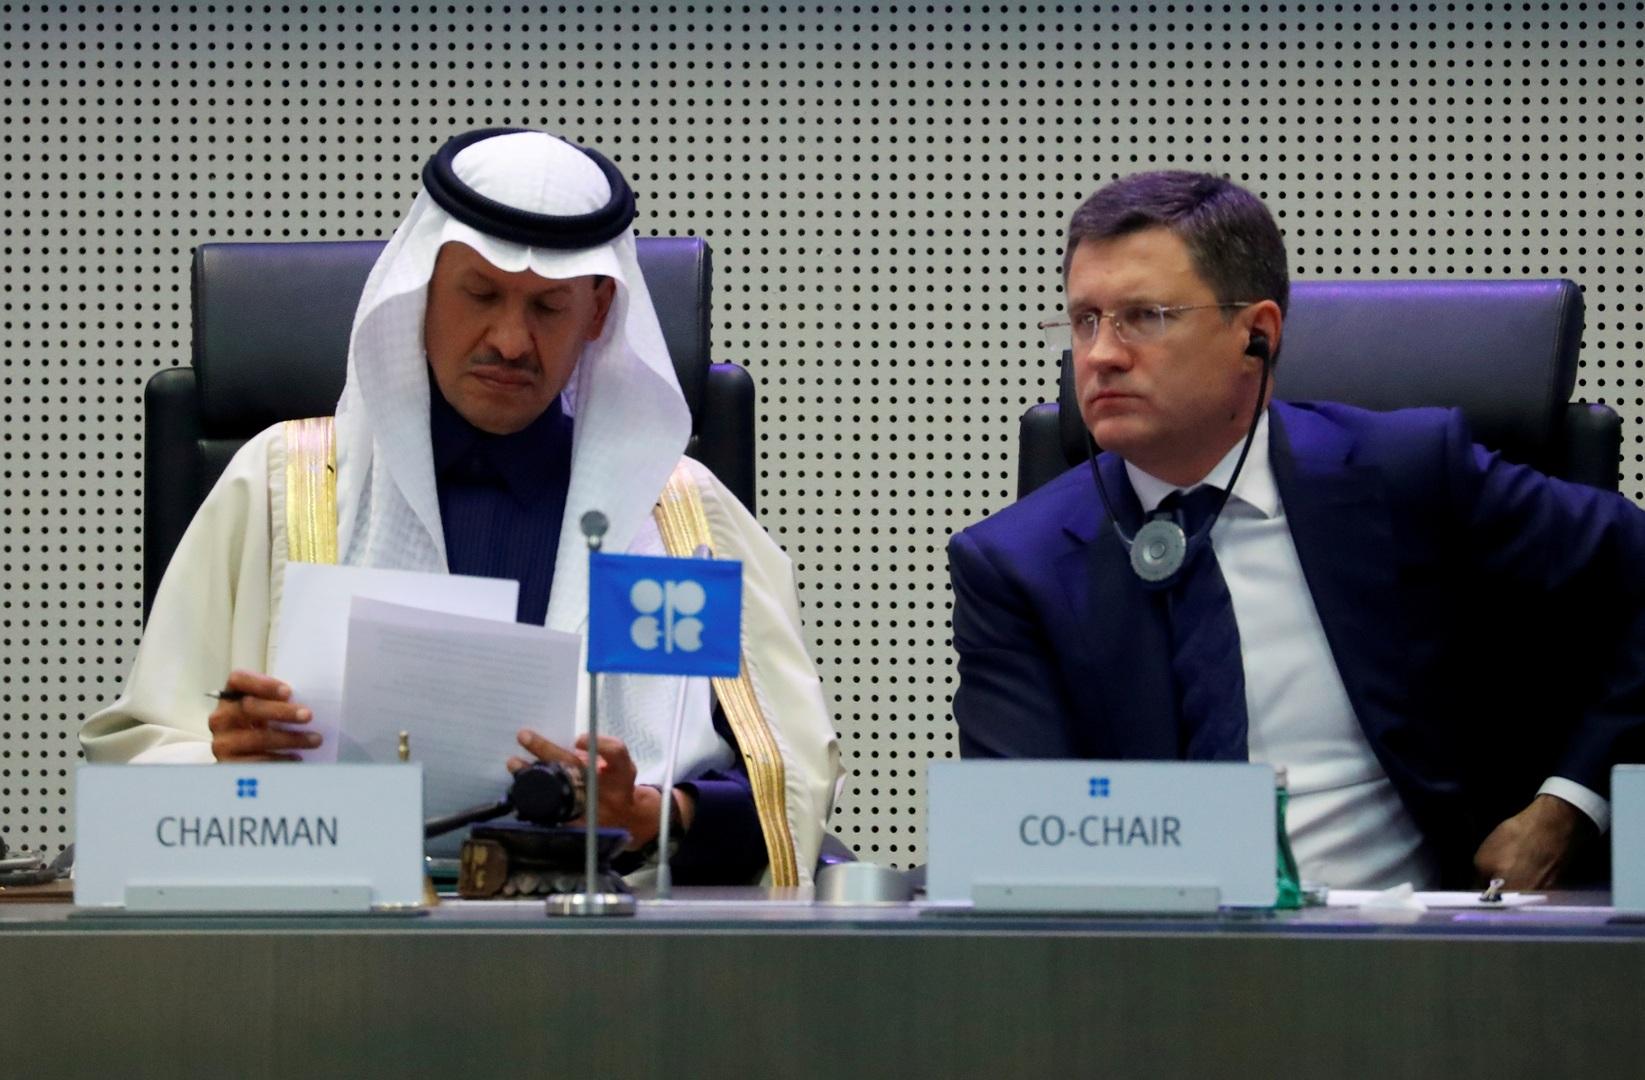 صورة من الأرشيف - وزيرا الطاقة الروسي والسعودي